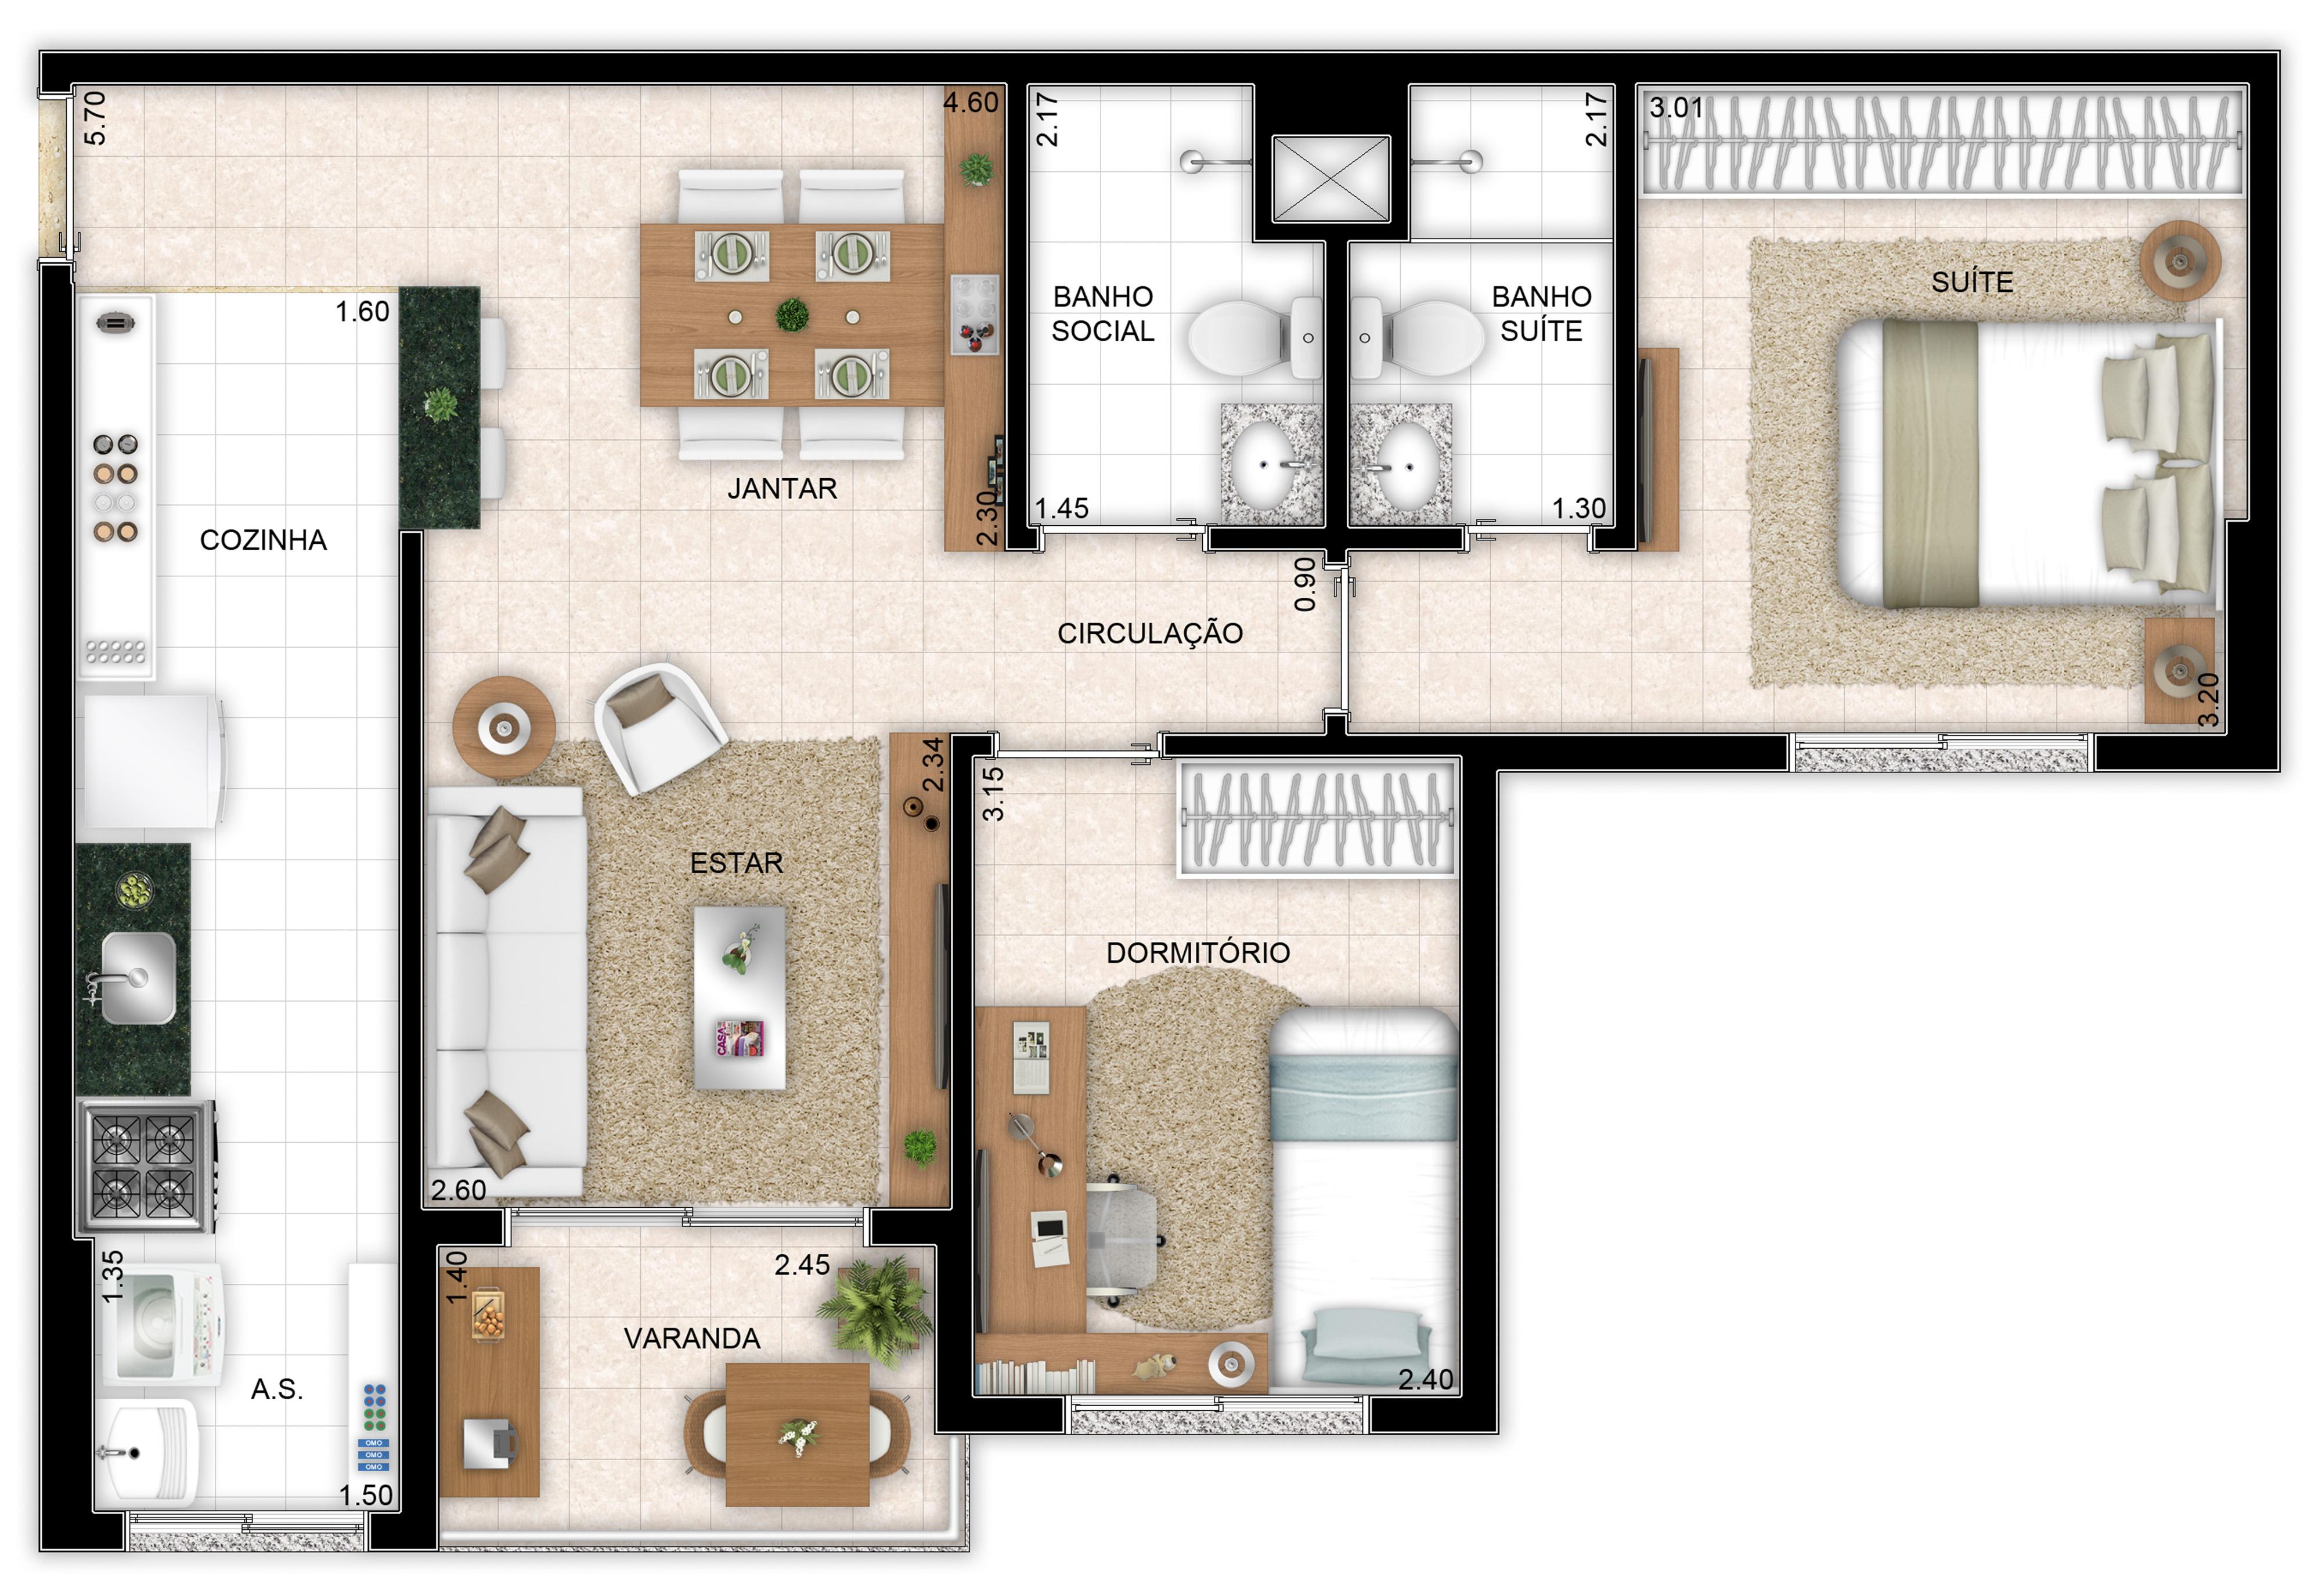 64m² - 2 quartos